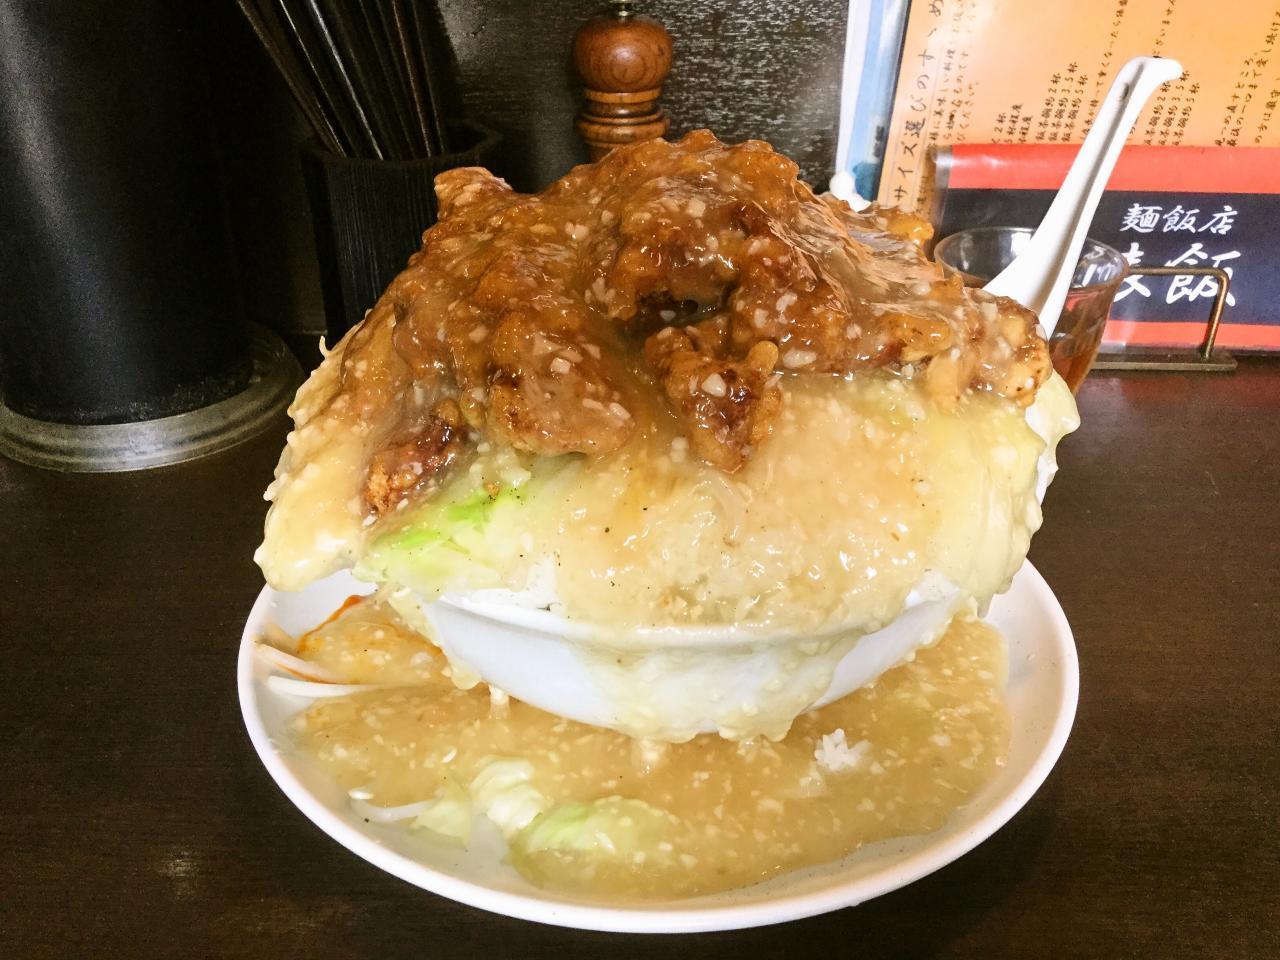 俵飯(鶏唐ニンニク塩ダレ飯)